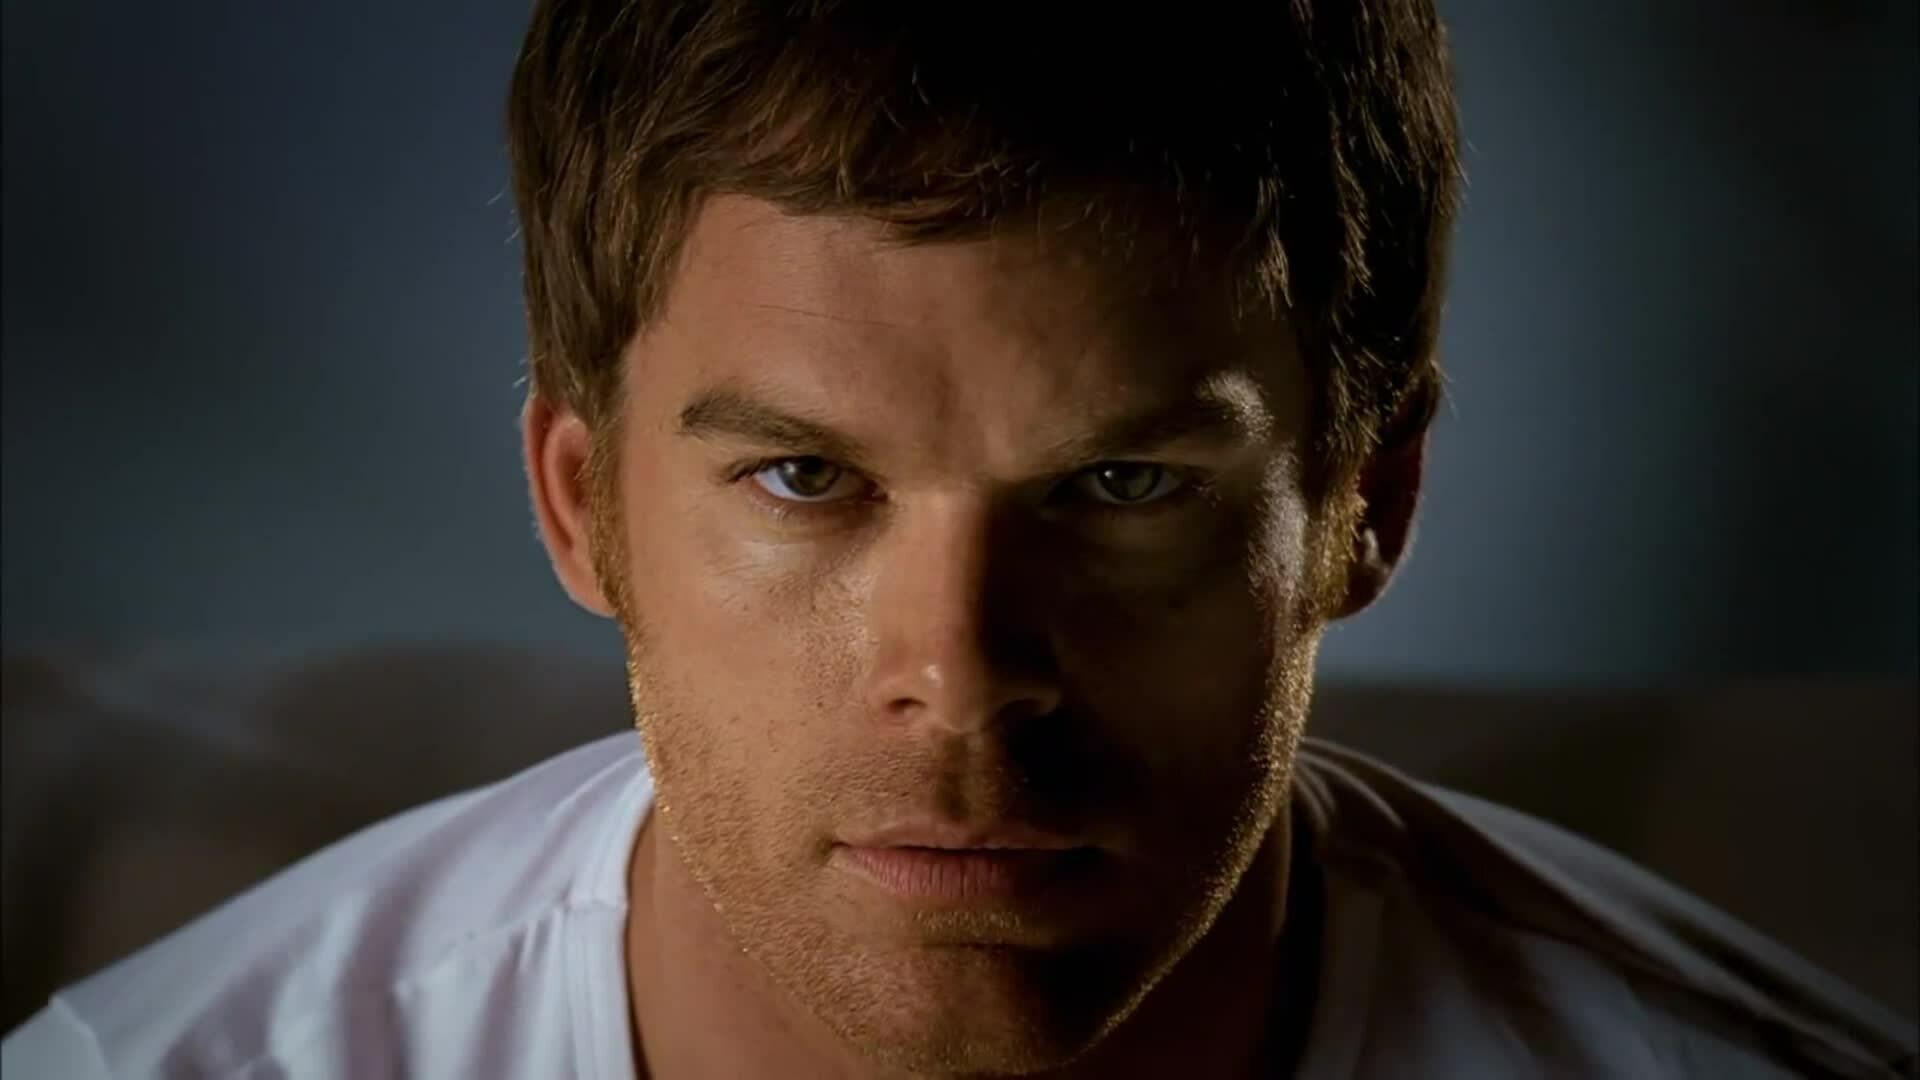 Murderer Dexter returned to the screen